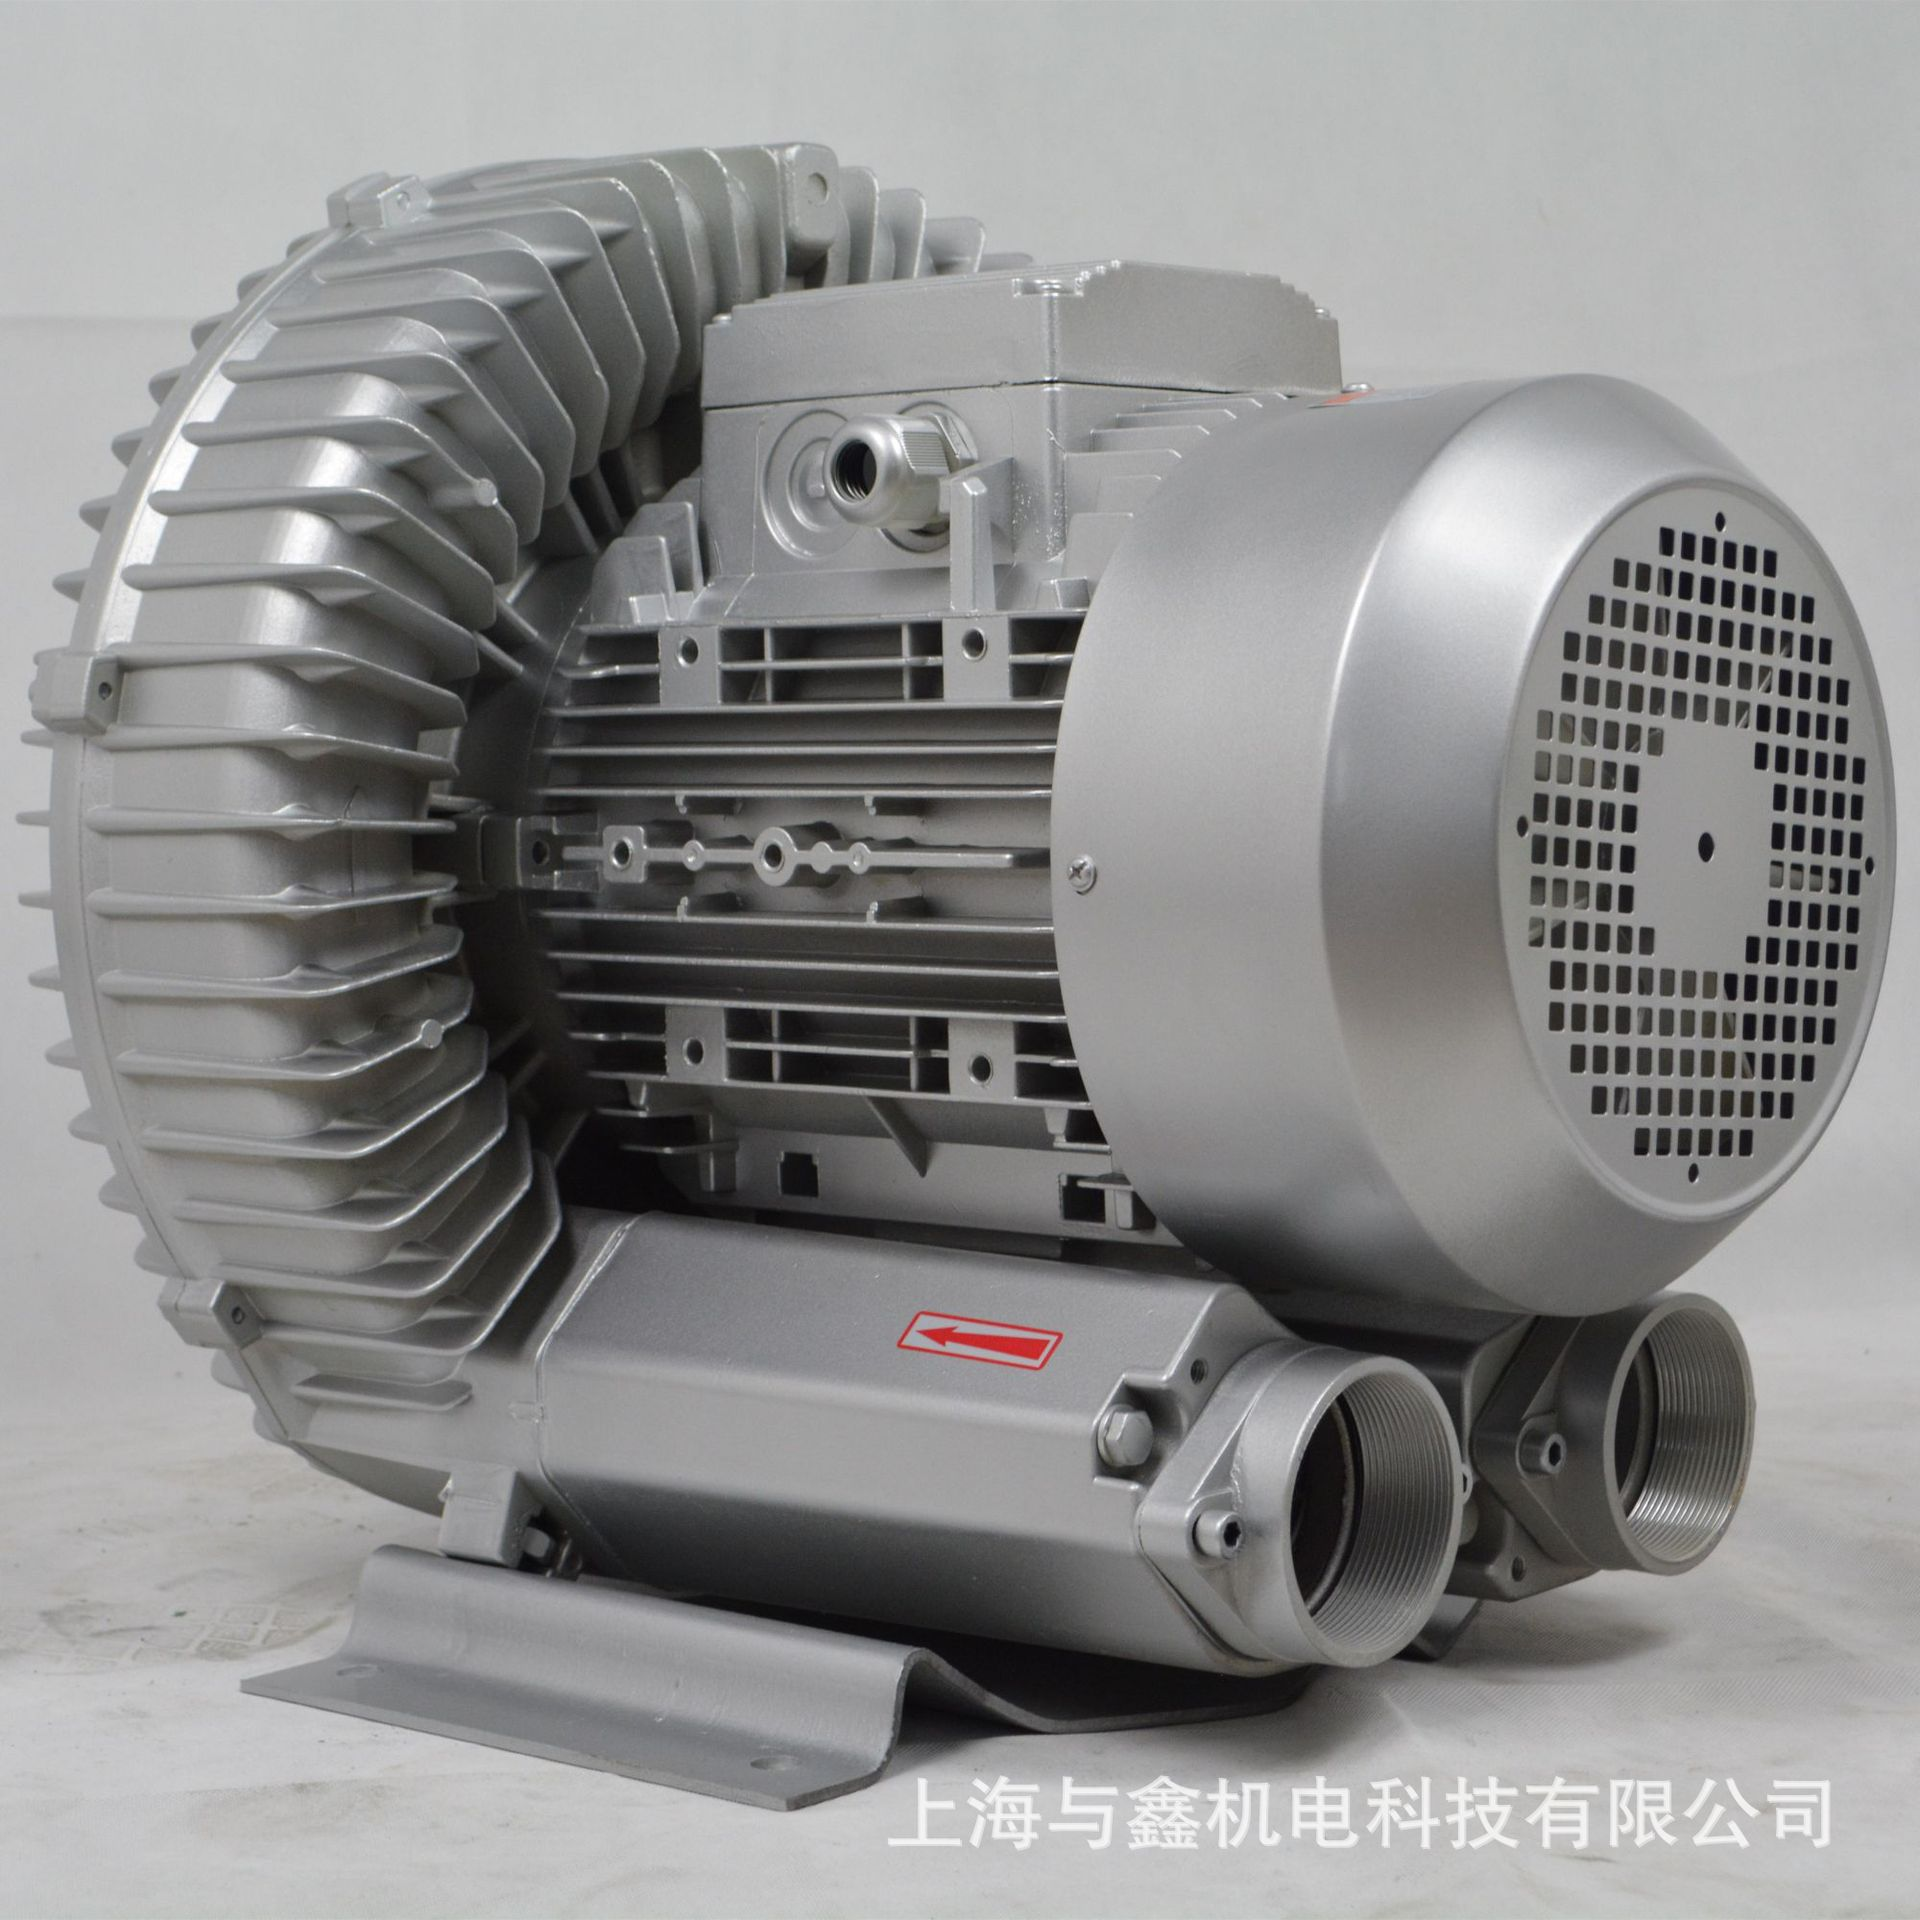 旋涡鼓风机,旋涡高压风机,旋涡高压鼓风机,旋涡风机示例图6